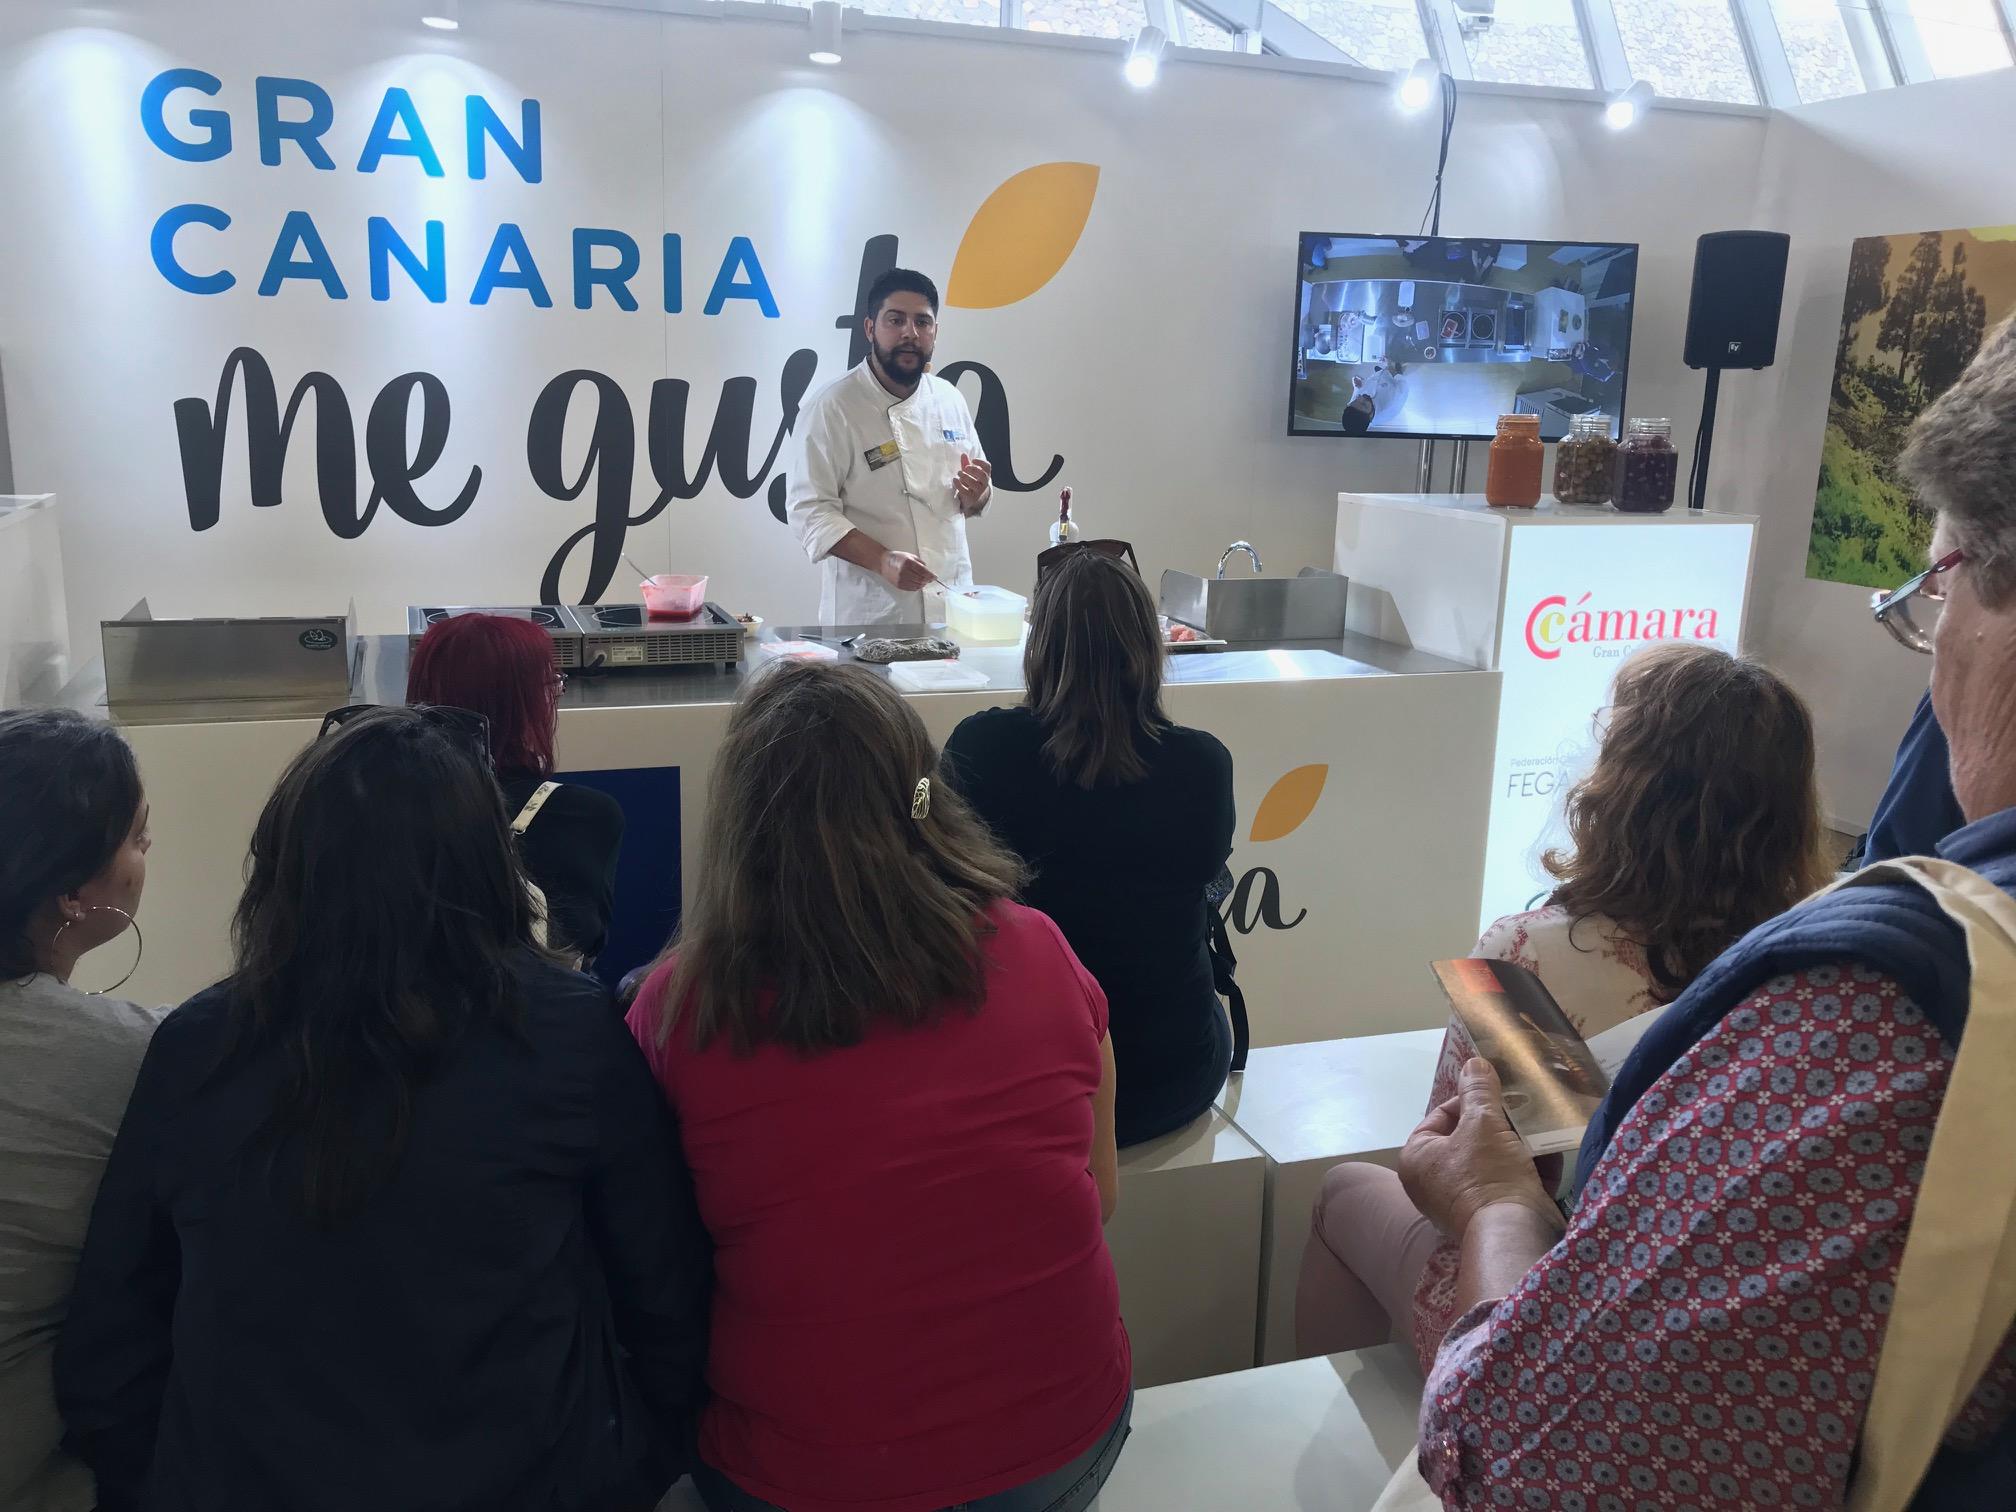 Gran Canaria ha acudido a GastroCanarias en Tenerife para promocionar los productos de la tierra